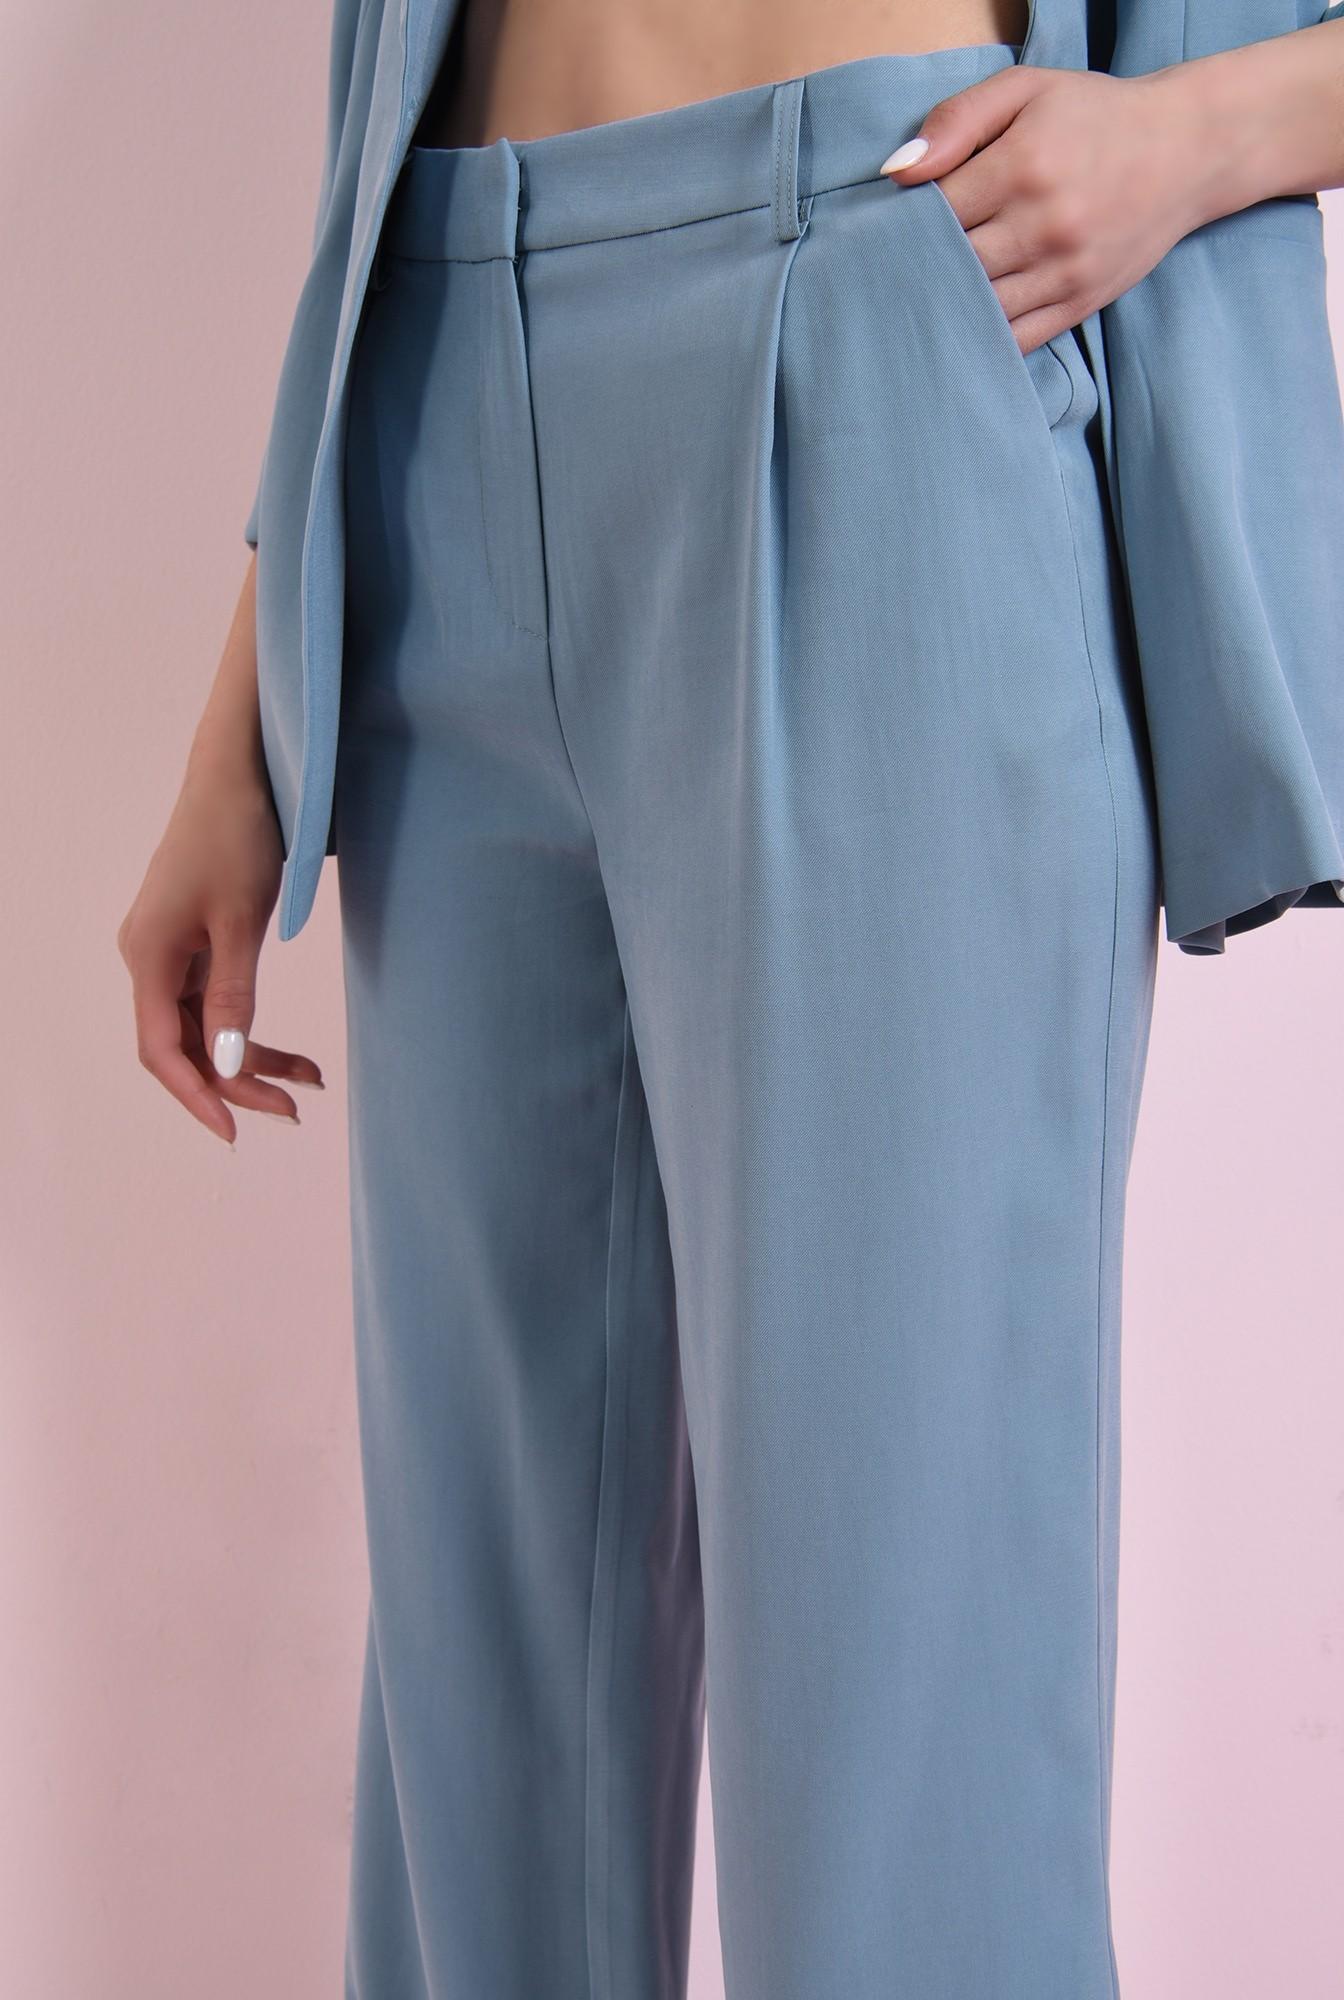 2 - pantaloni drepti, belu, cu talie medie